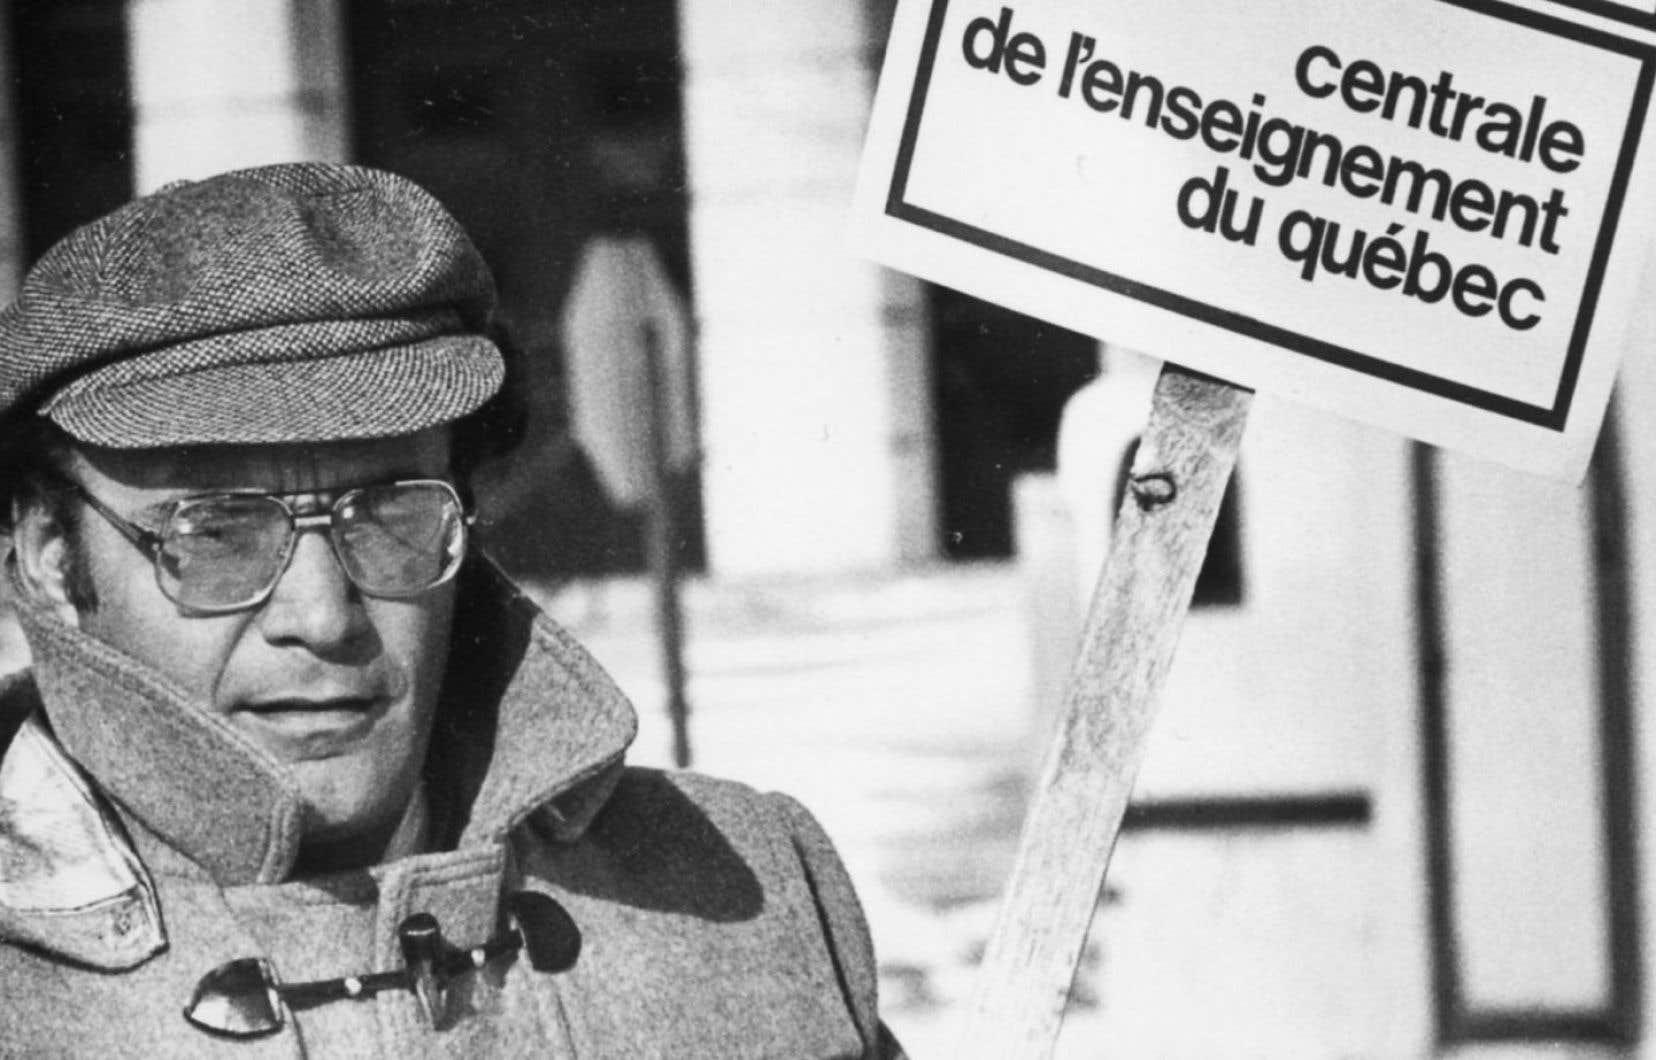 Yvon Charbonneau en 1983, alors qu'il dirigeait la Centrale de l'enseignement du Québec.